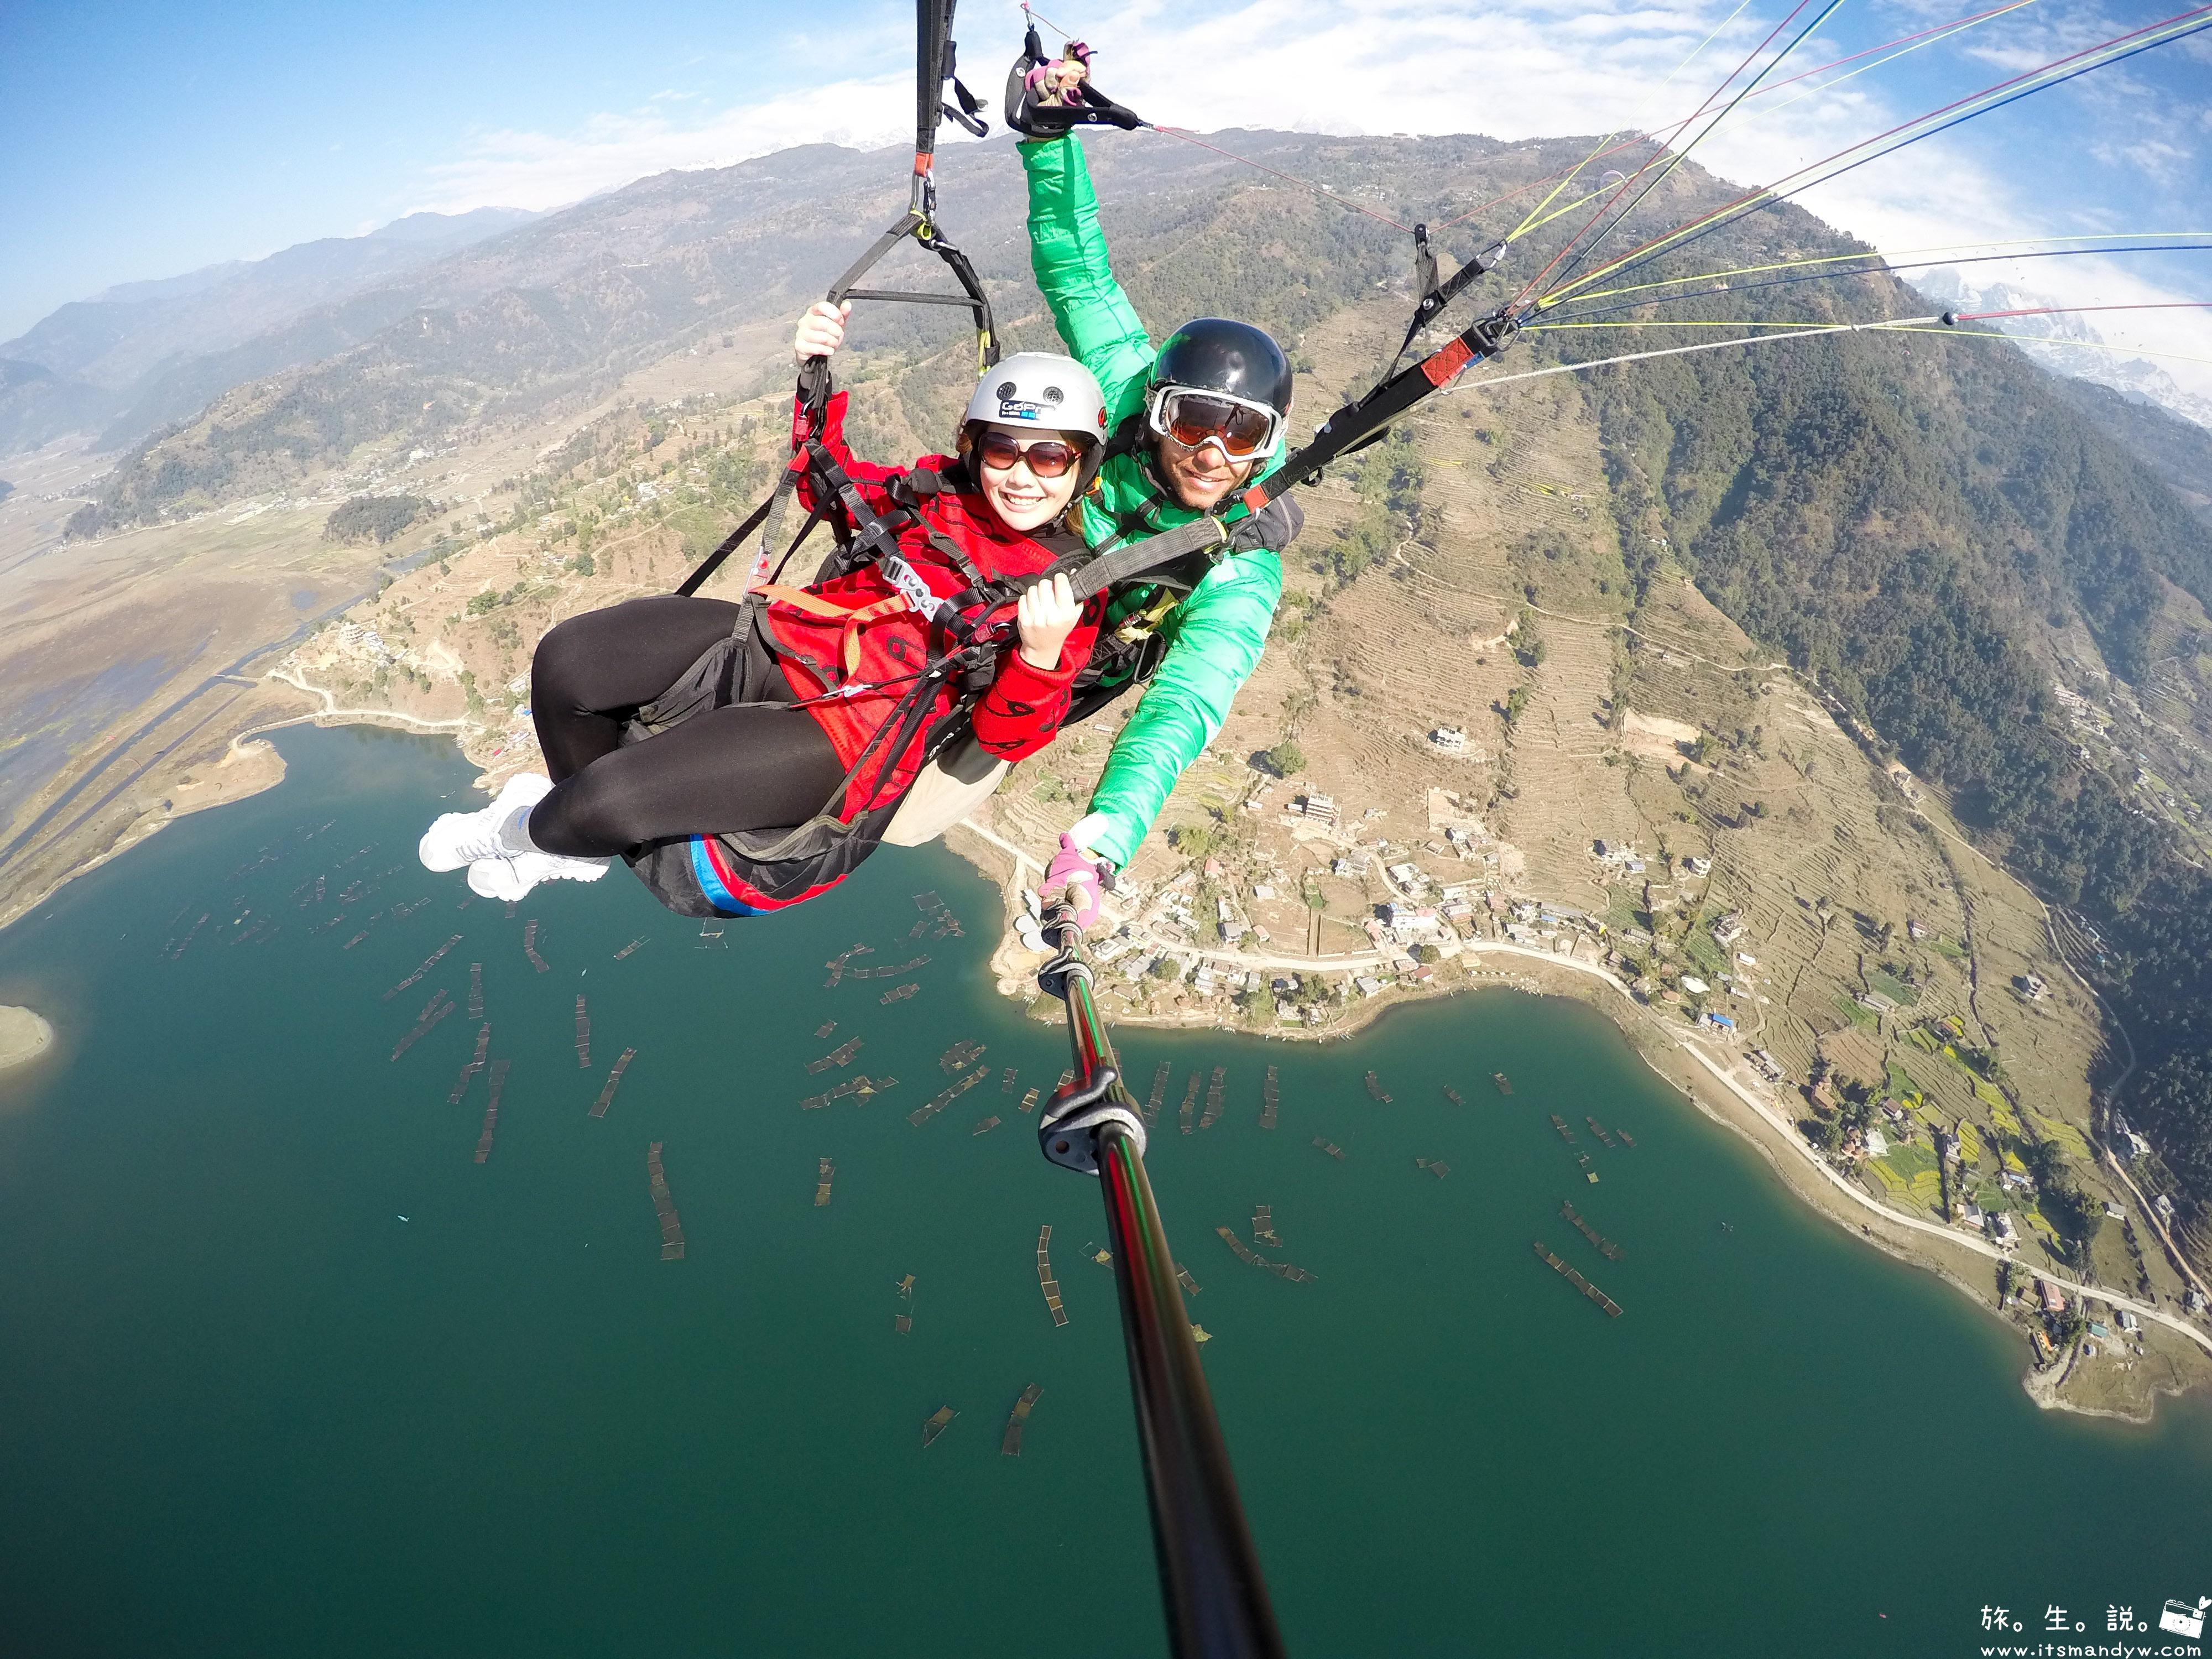 波卡拉 飛行傘